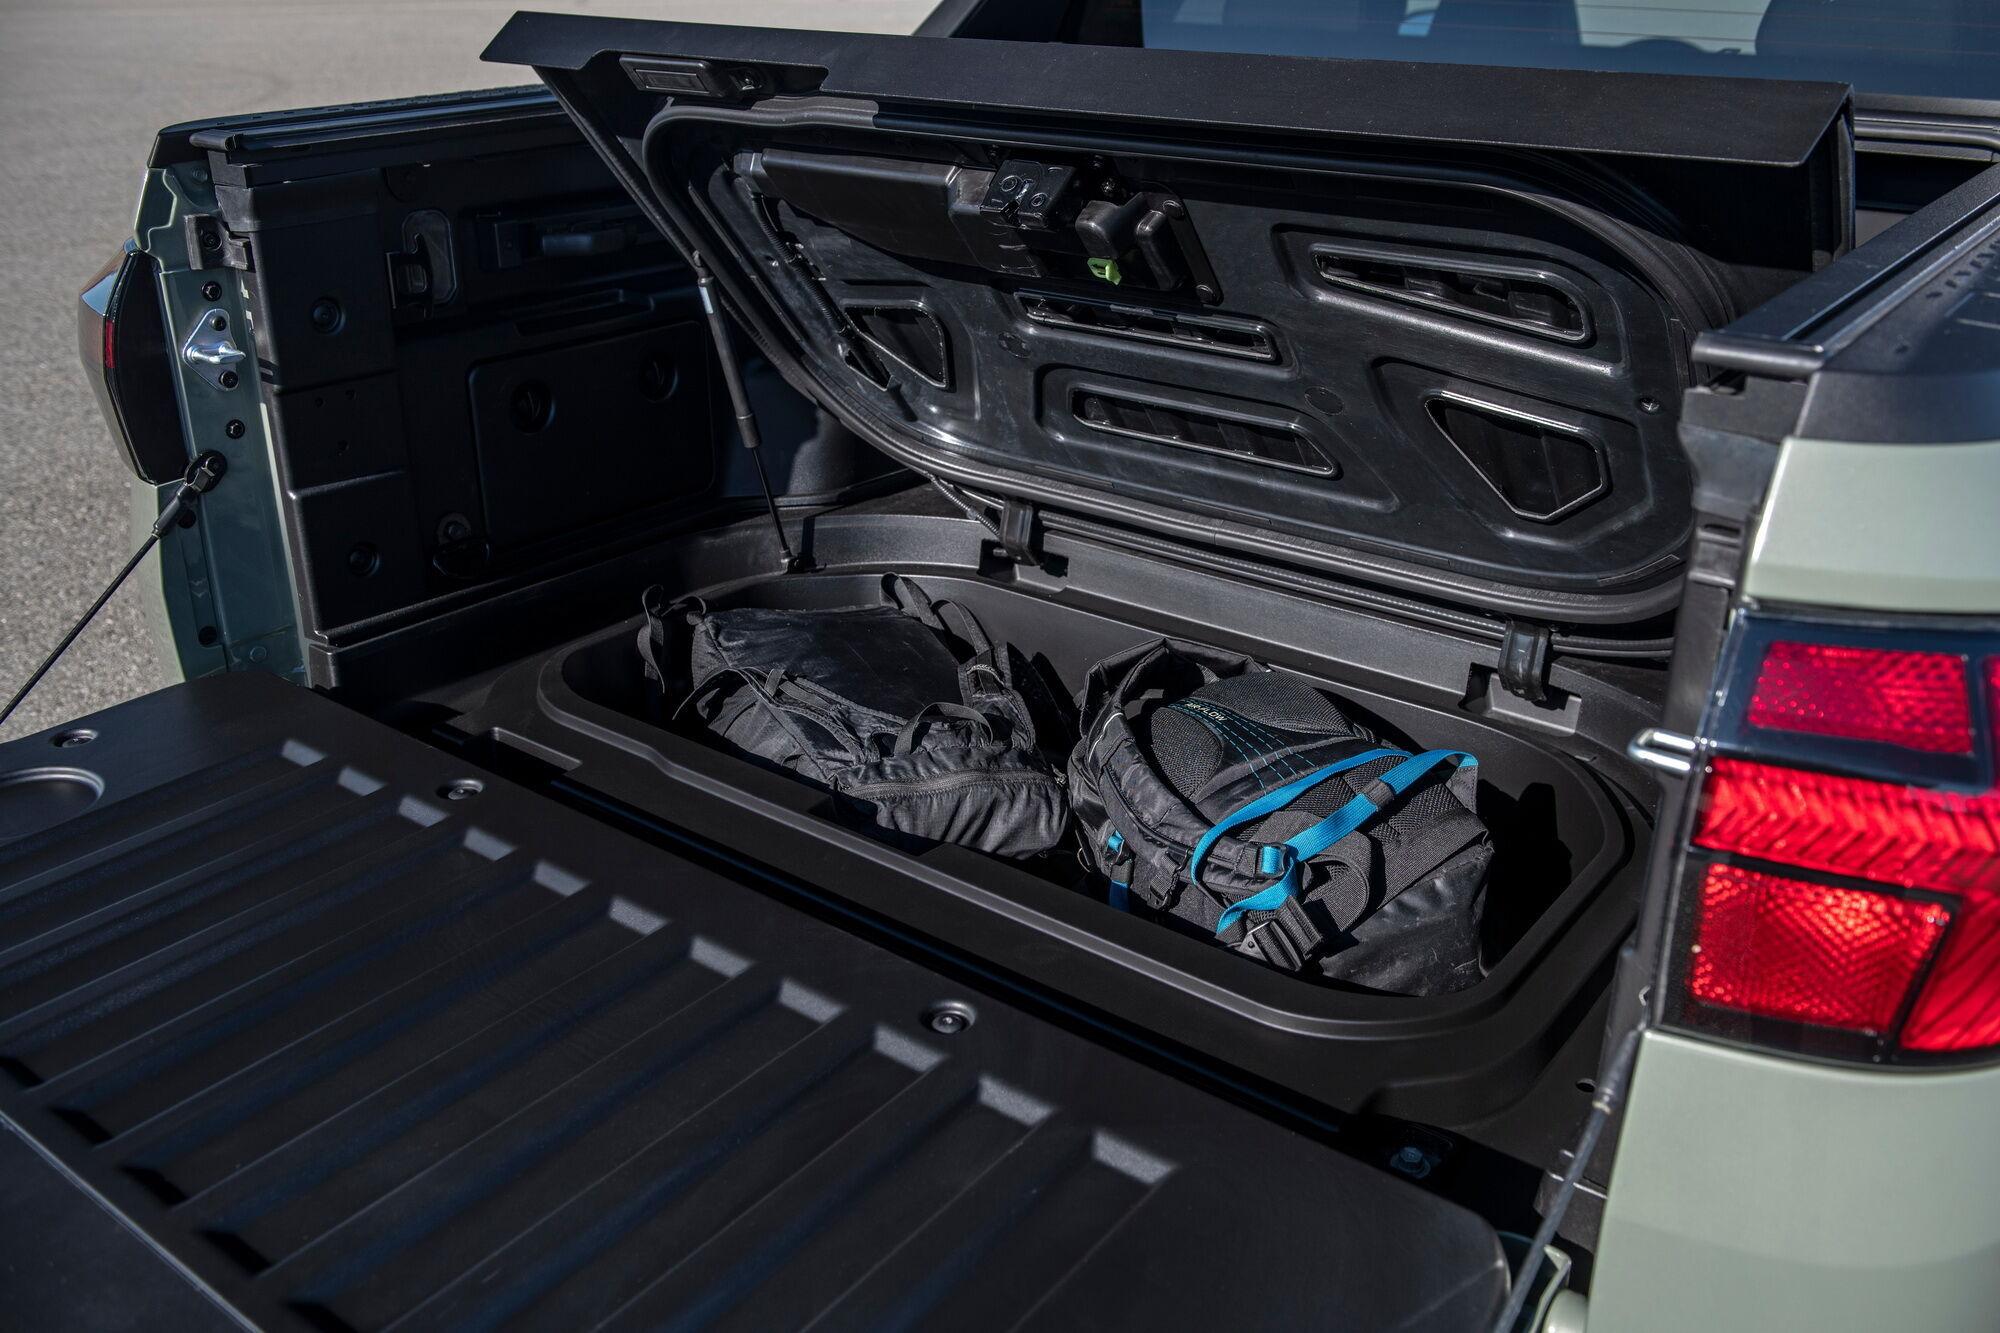 Ще одне відділення для багажу з герметичною кришкою знаходиться у задньому звисі